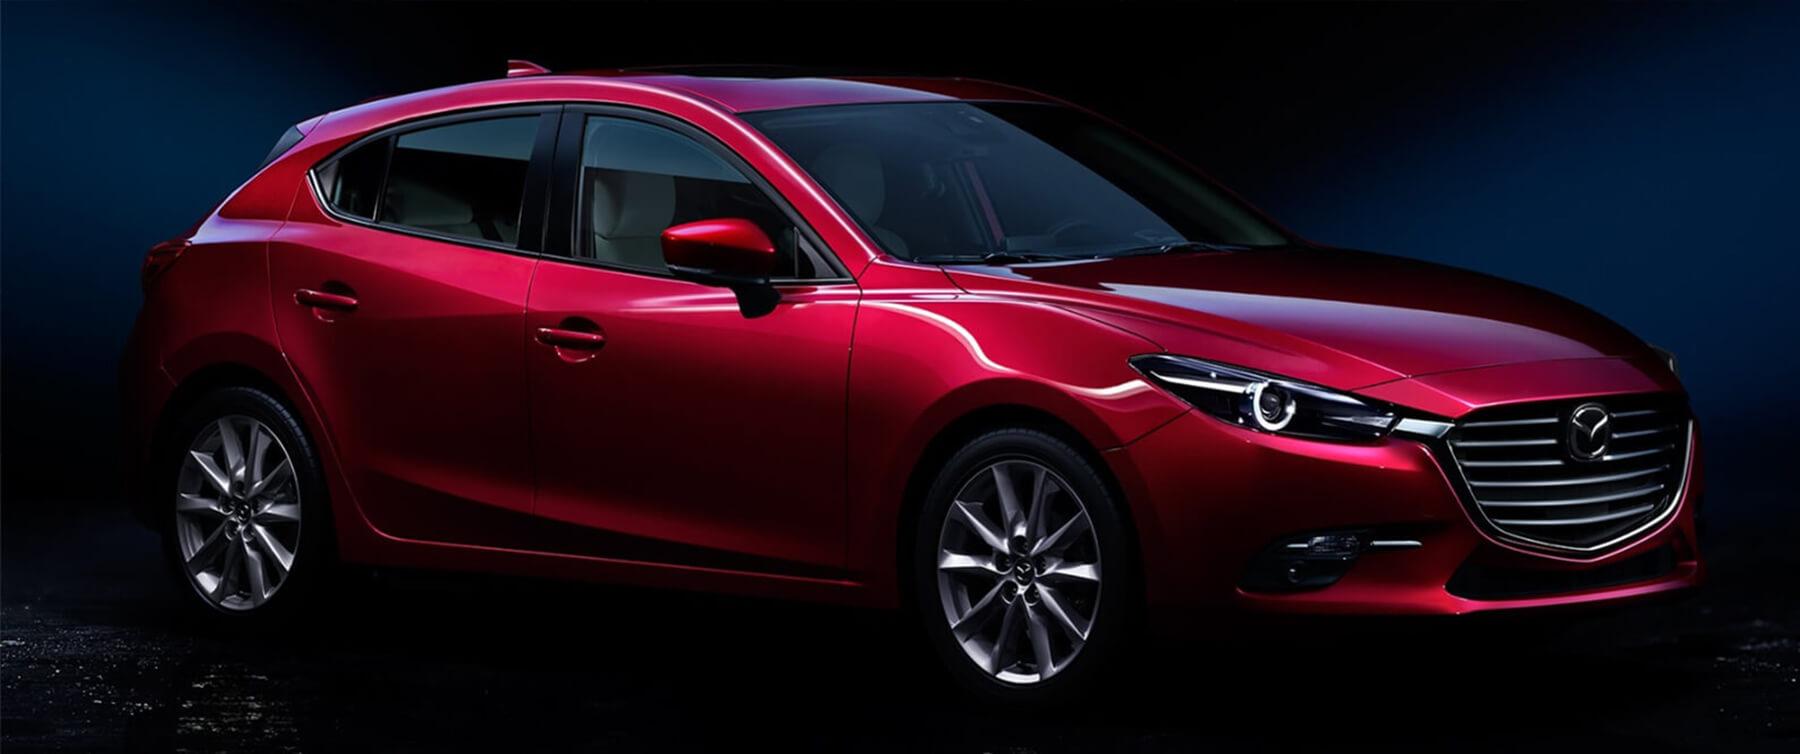 2017 Red Mazda3 5-Door hatchback Side View